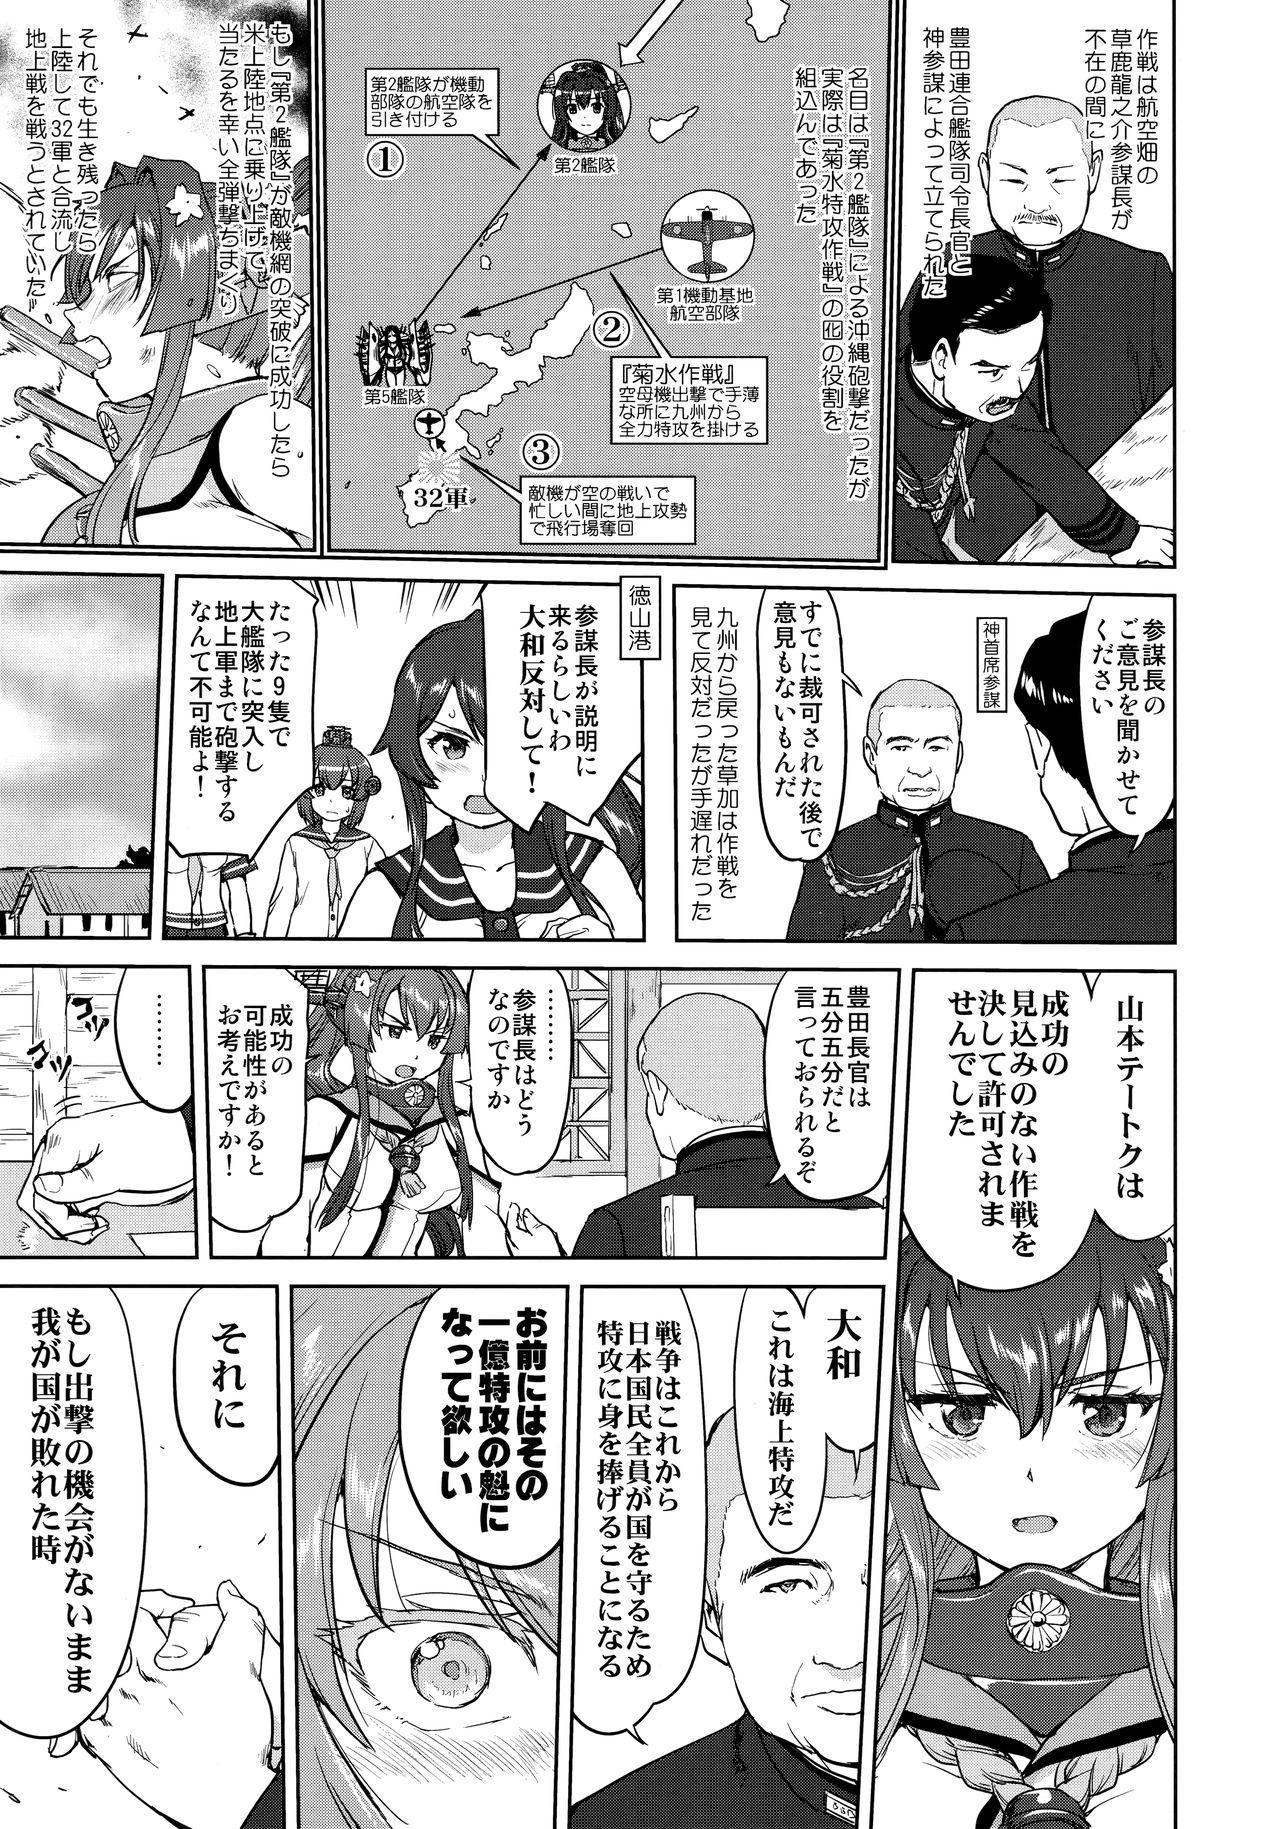 Teitoku no Ketsudan Kanmusu no Ichiban Nagai Hi 8